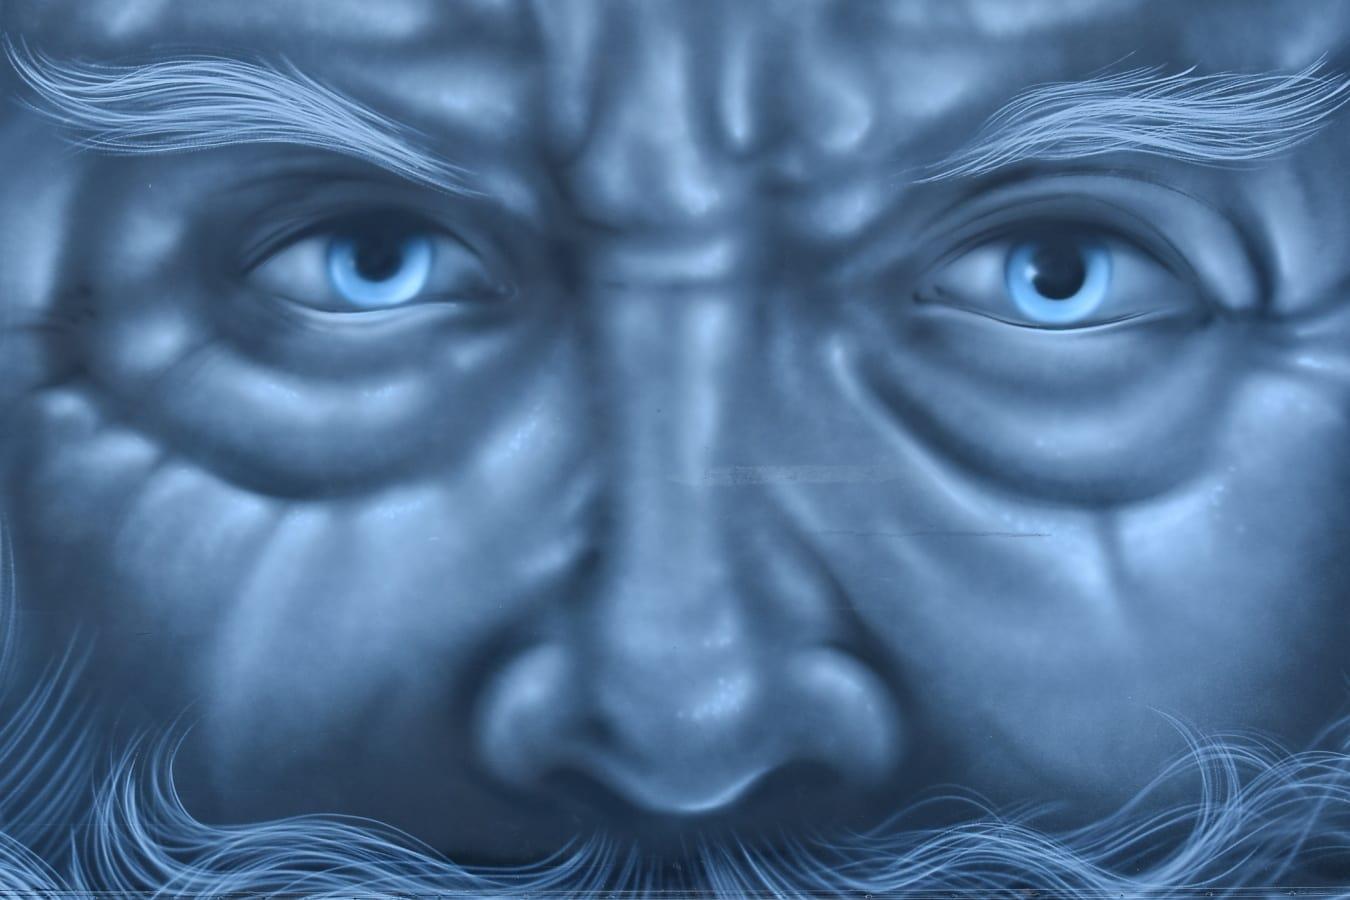 grafiti, portret, lice, stariji, oči, nestvarno, oko, umjetnost, pokrivanje, fantazija